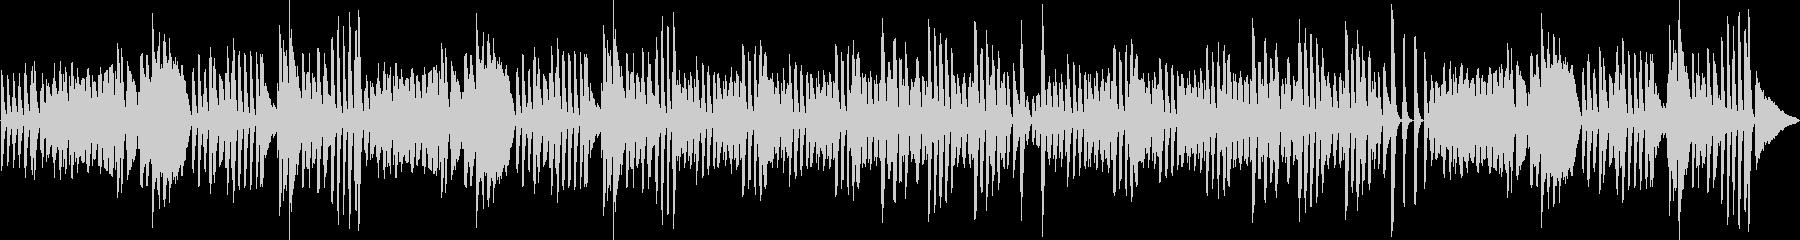 ピアノによる、陽気で楽しいラグタイムの未再生の波形